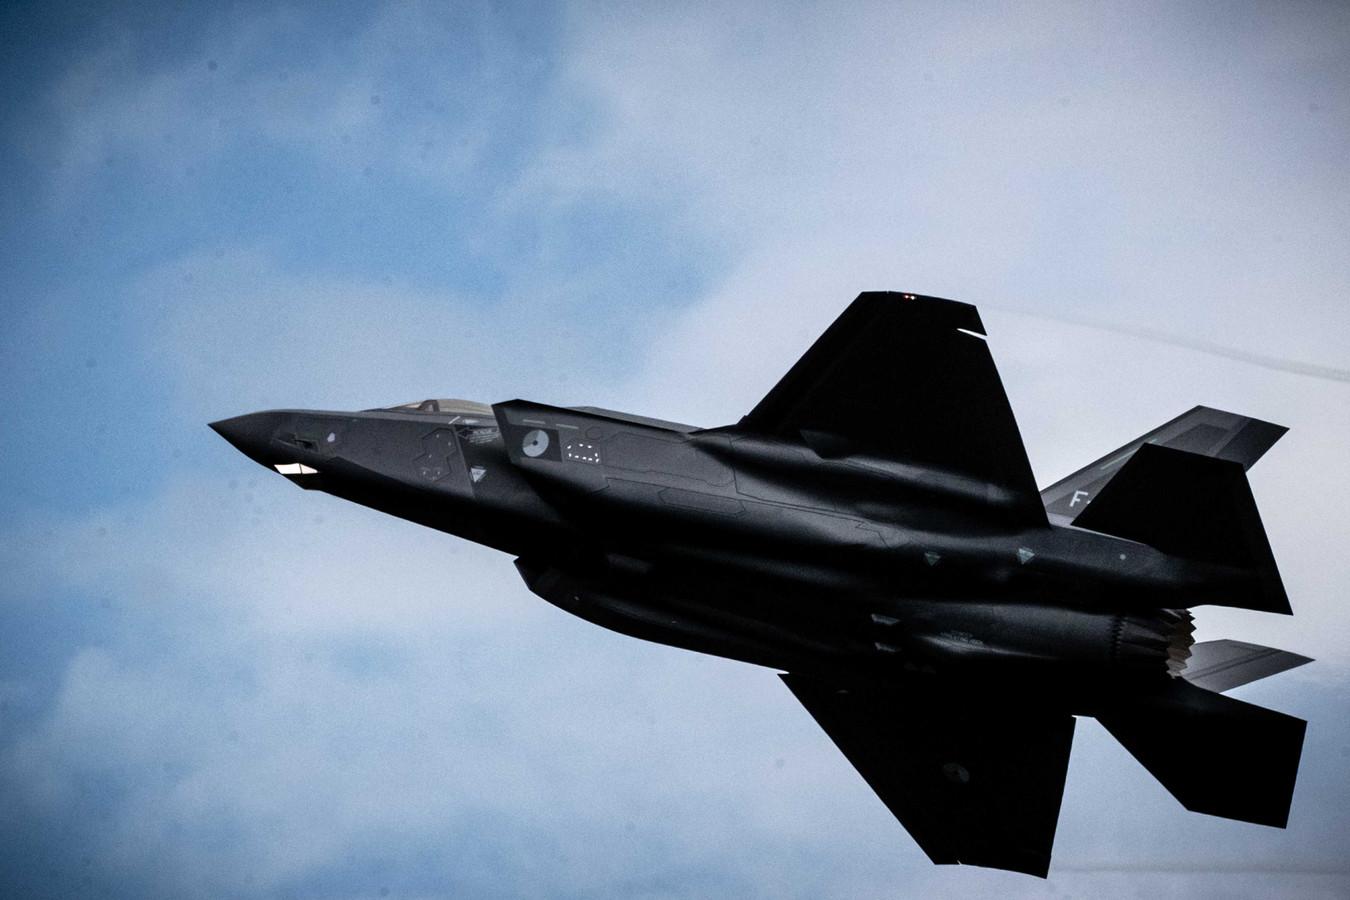 Deze F-35, de F-008, deed wel mee aan het vliegprogramma tijdens de Luchtmachtdagen op Volkel. Het toestel is gisteren weer naar Amerika vertrokken. Het andere toestel, de F-001, staat nog steeds met stukken op de grond in Volkel.